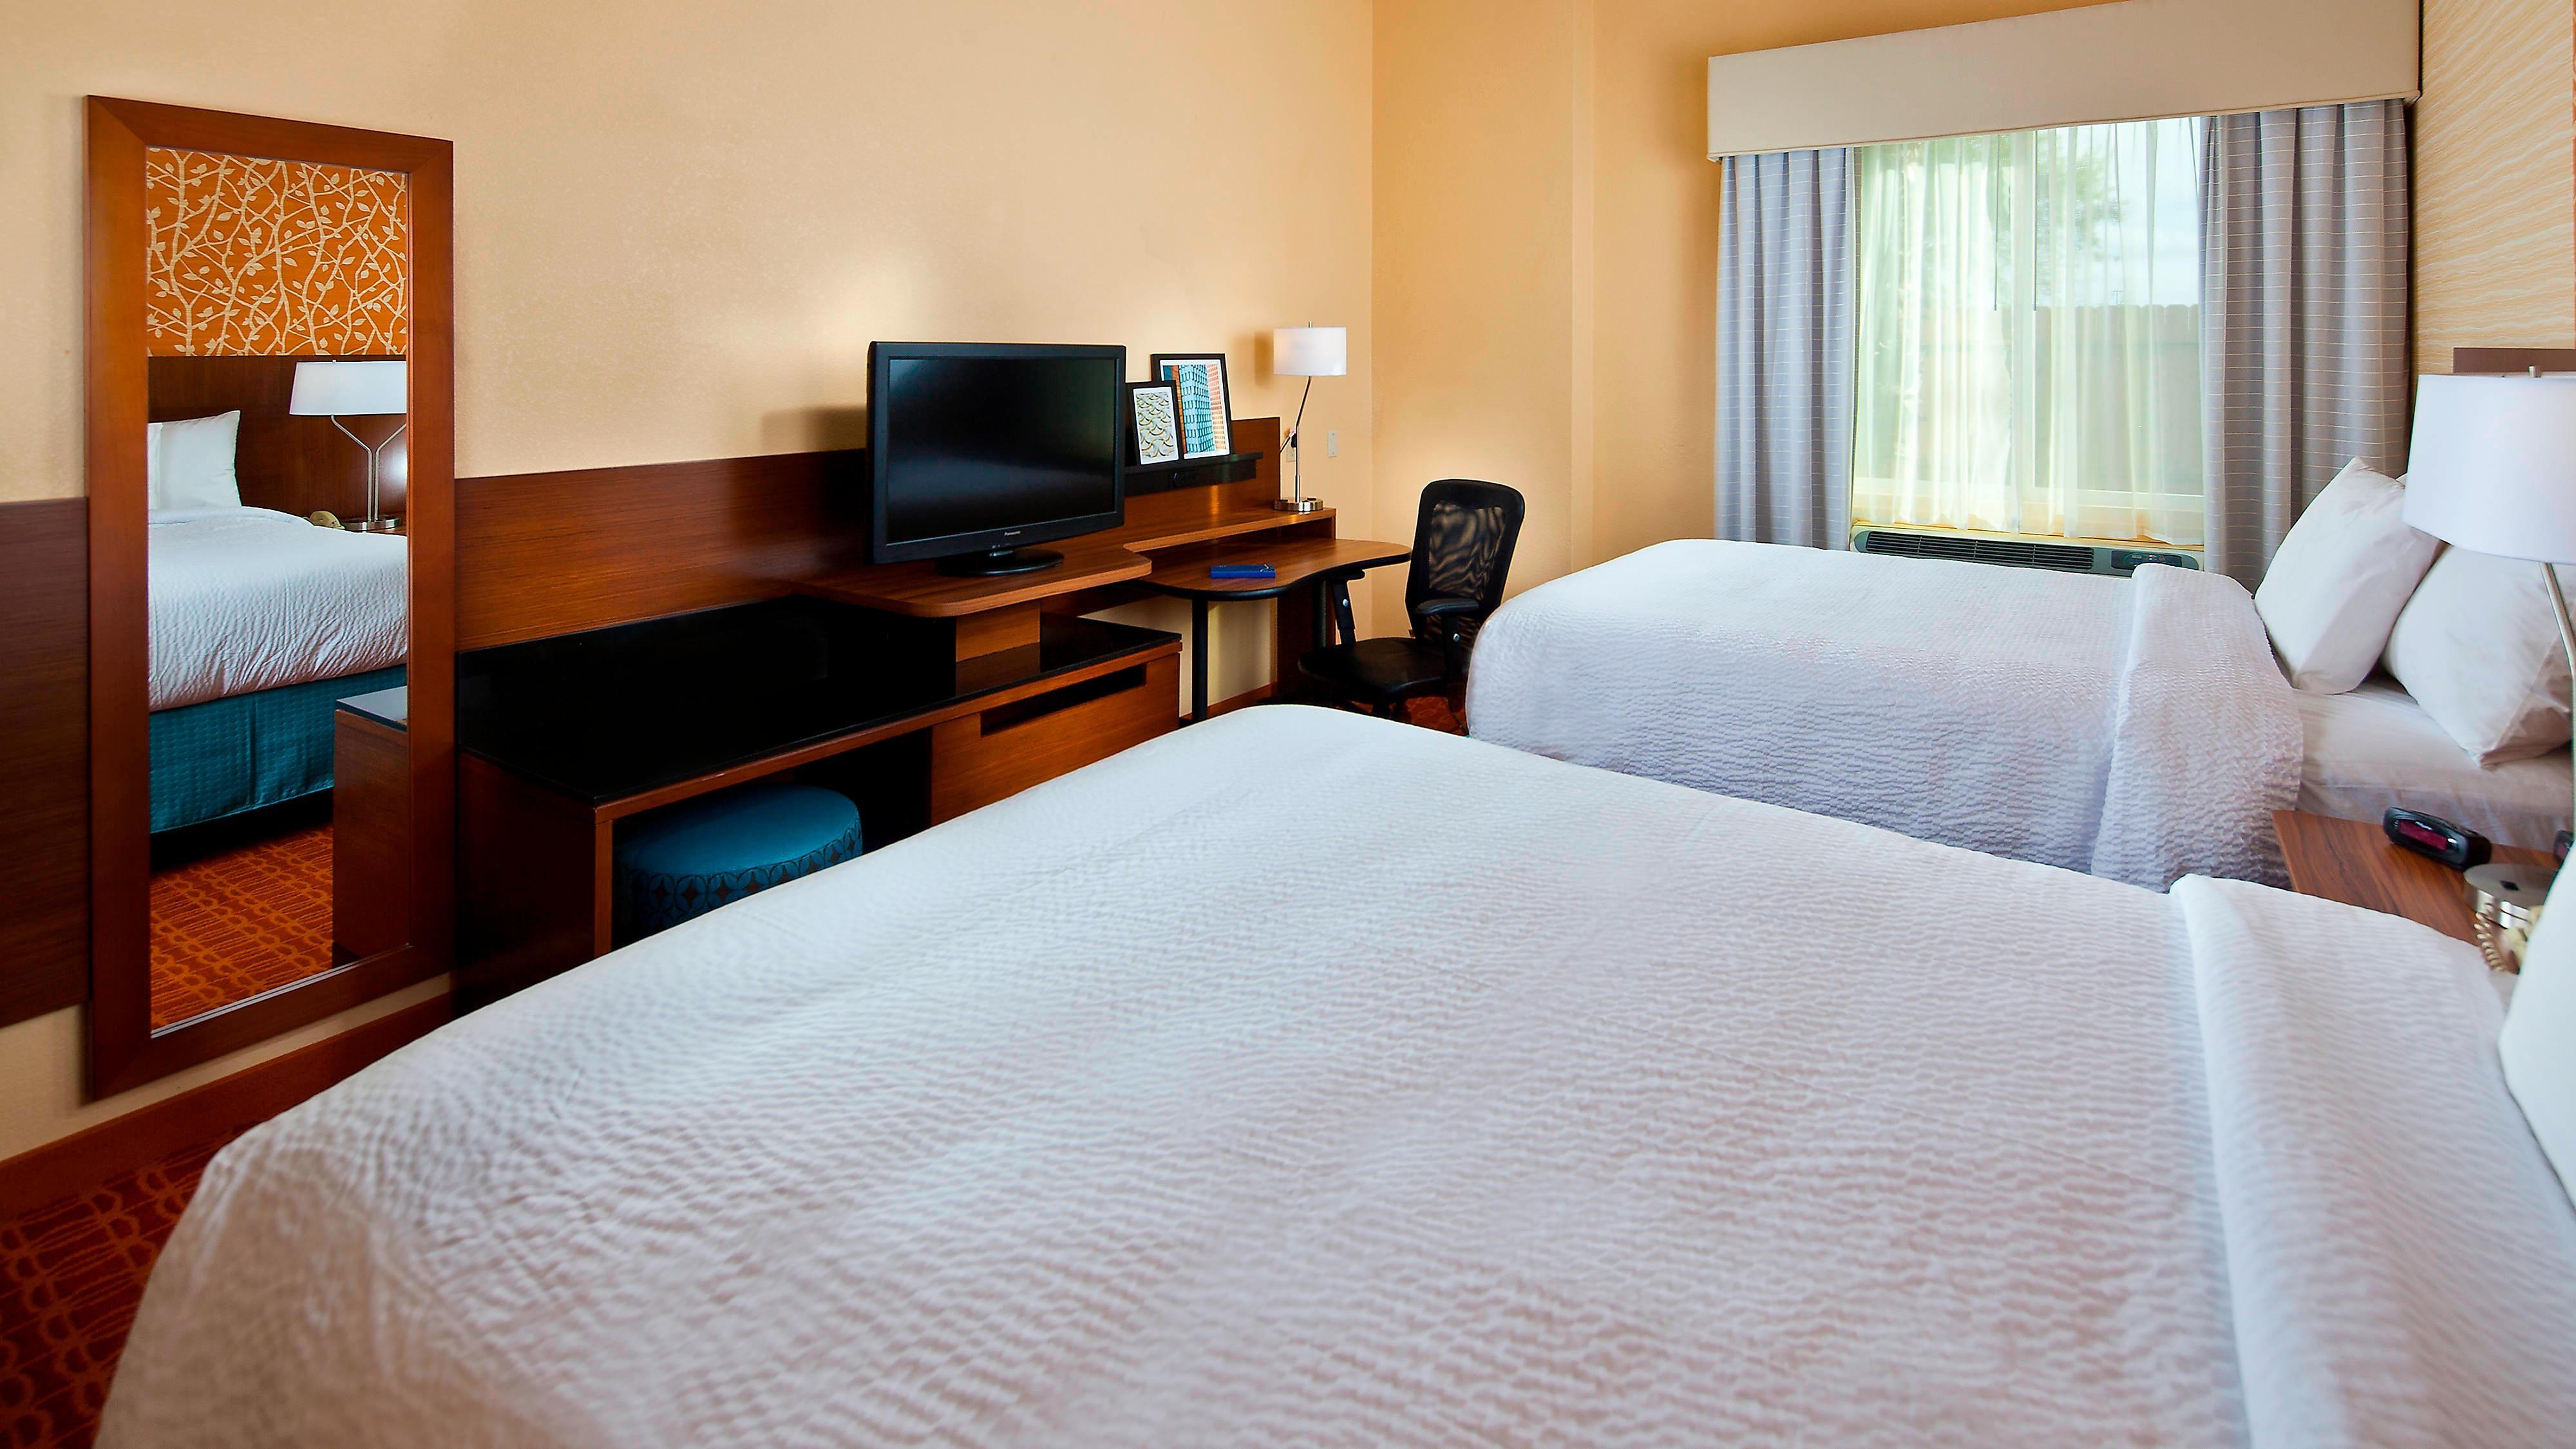 Gästezimmer mit Queensize-Bett in Houston, Texas